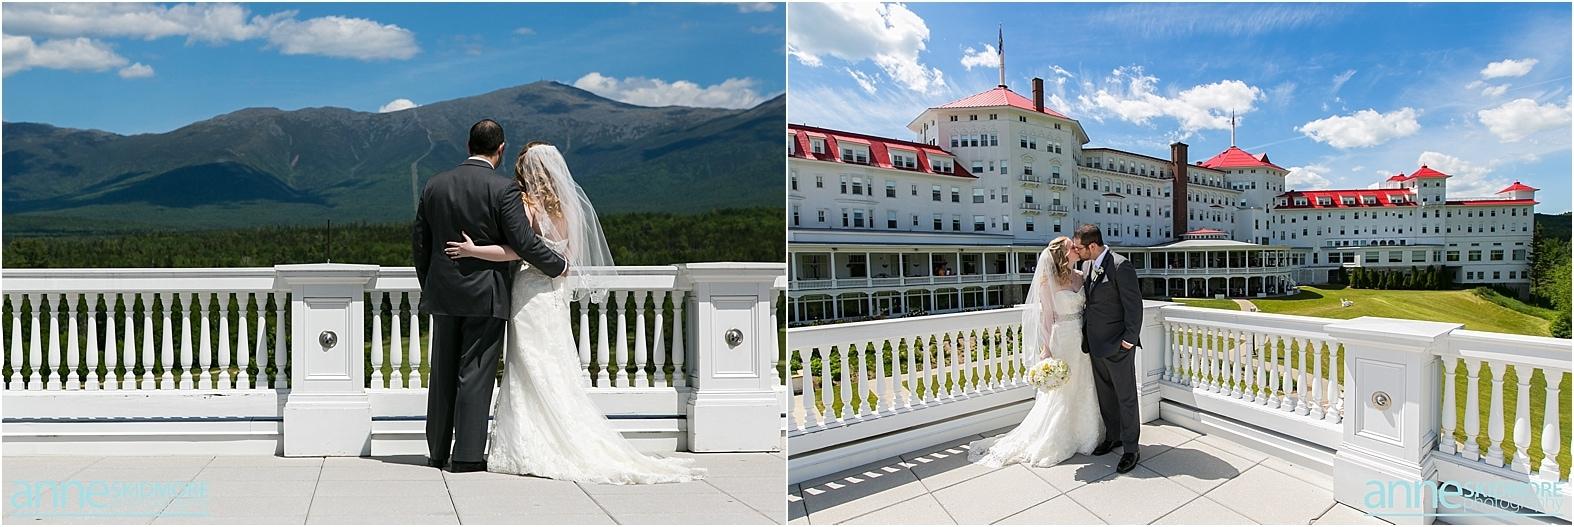 Mount_Washington_Hotel_Wedding_0020